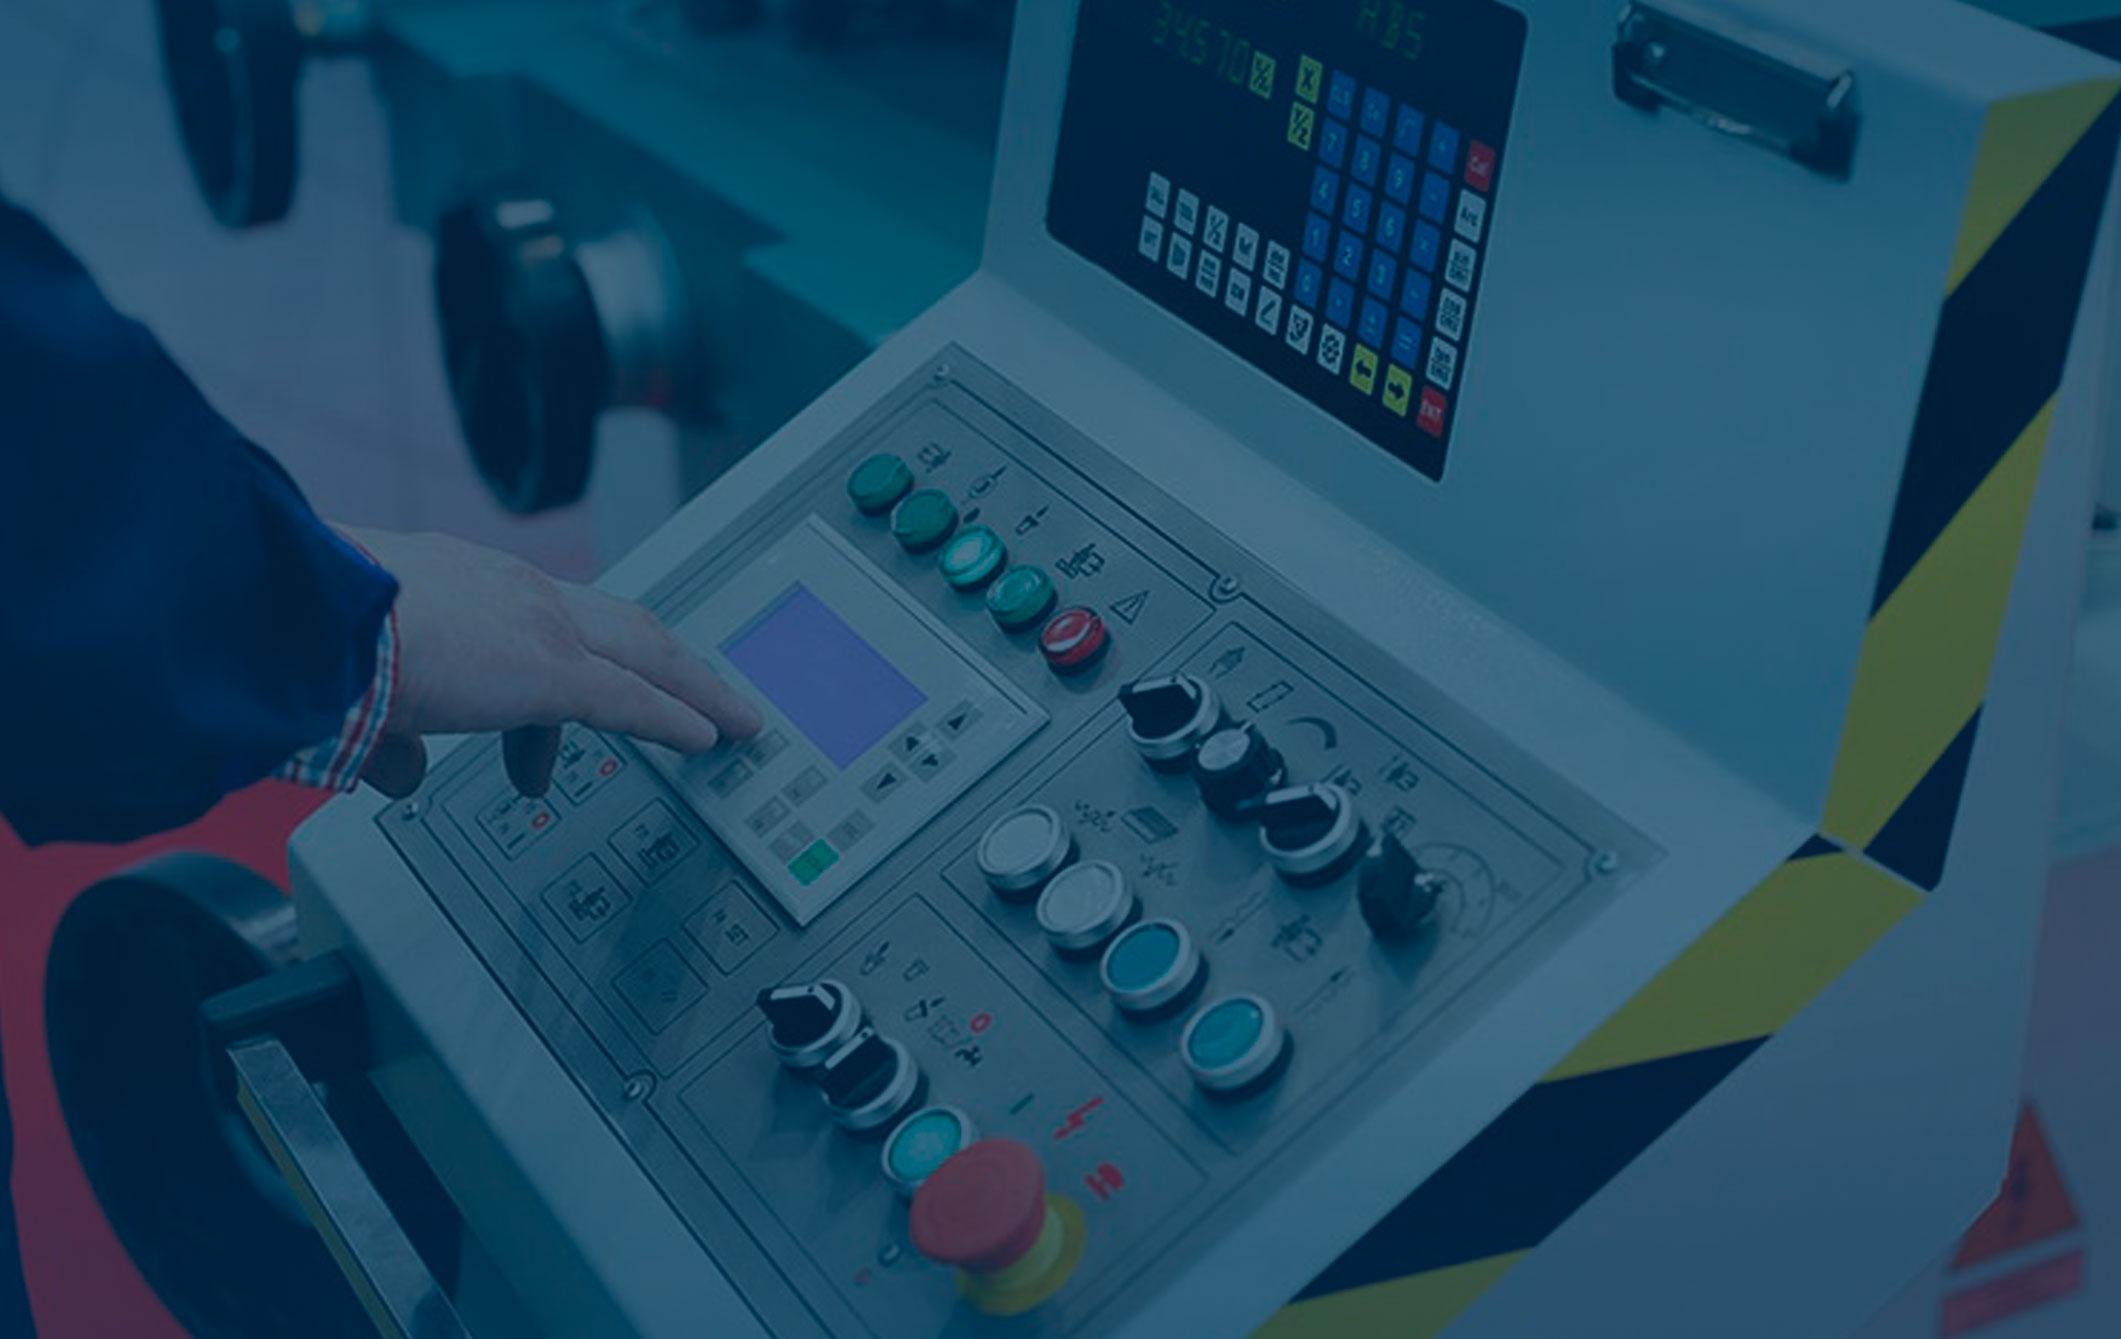 Оператор пульта управления